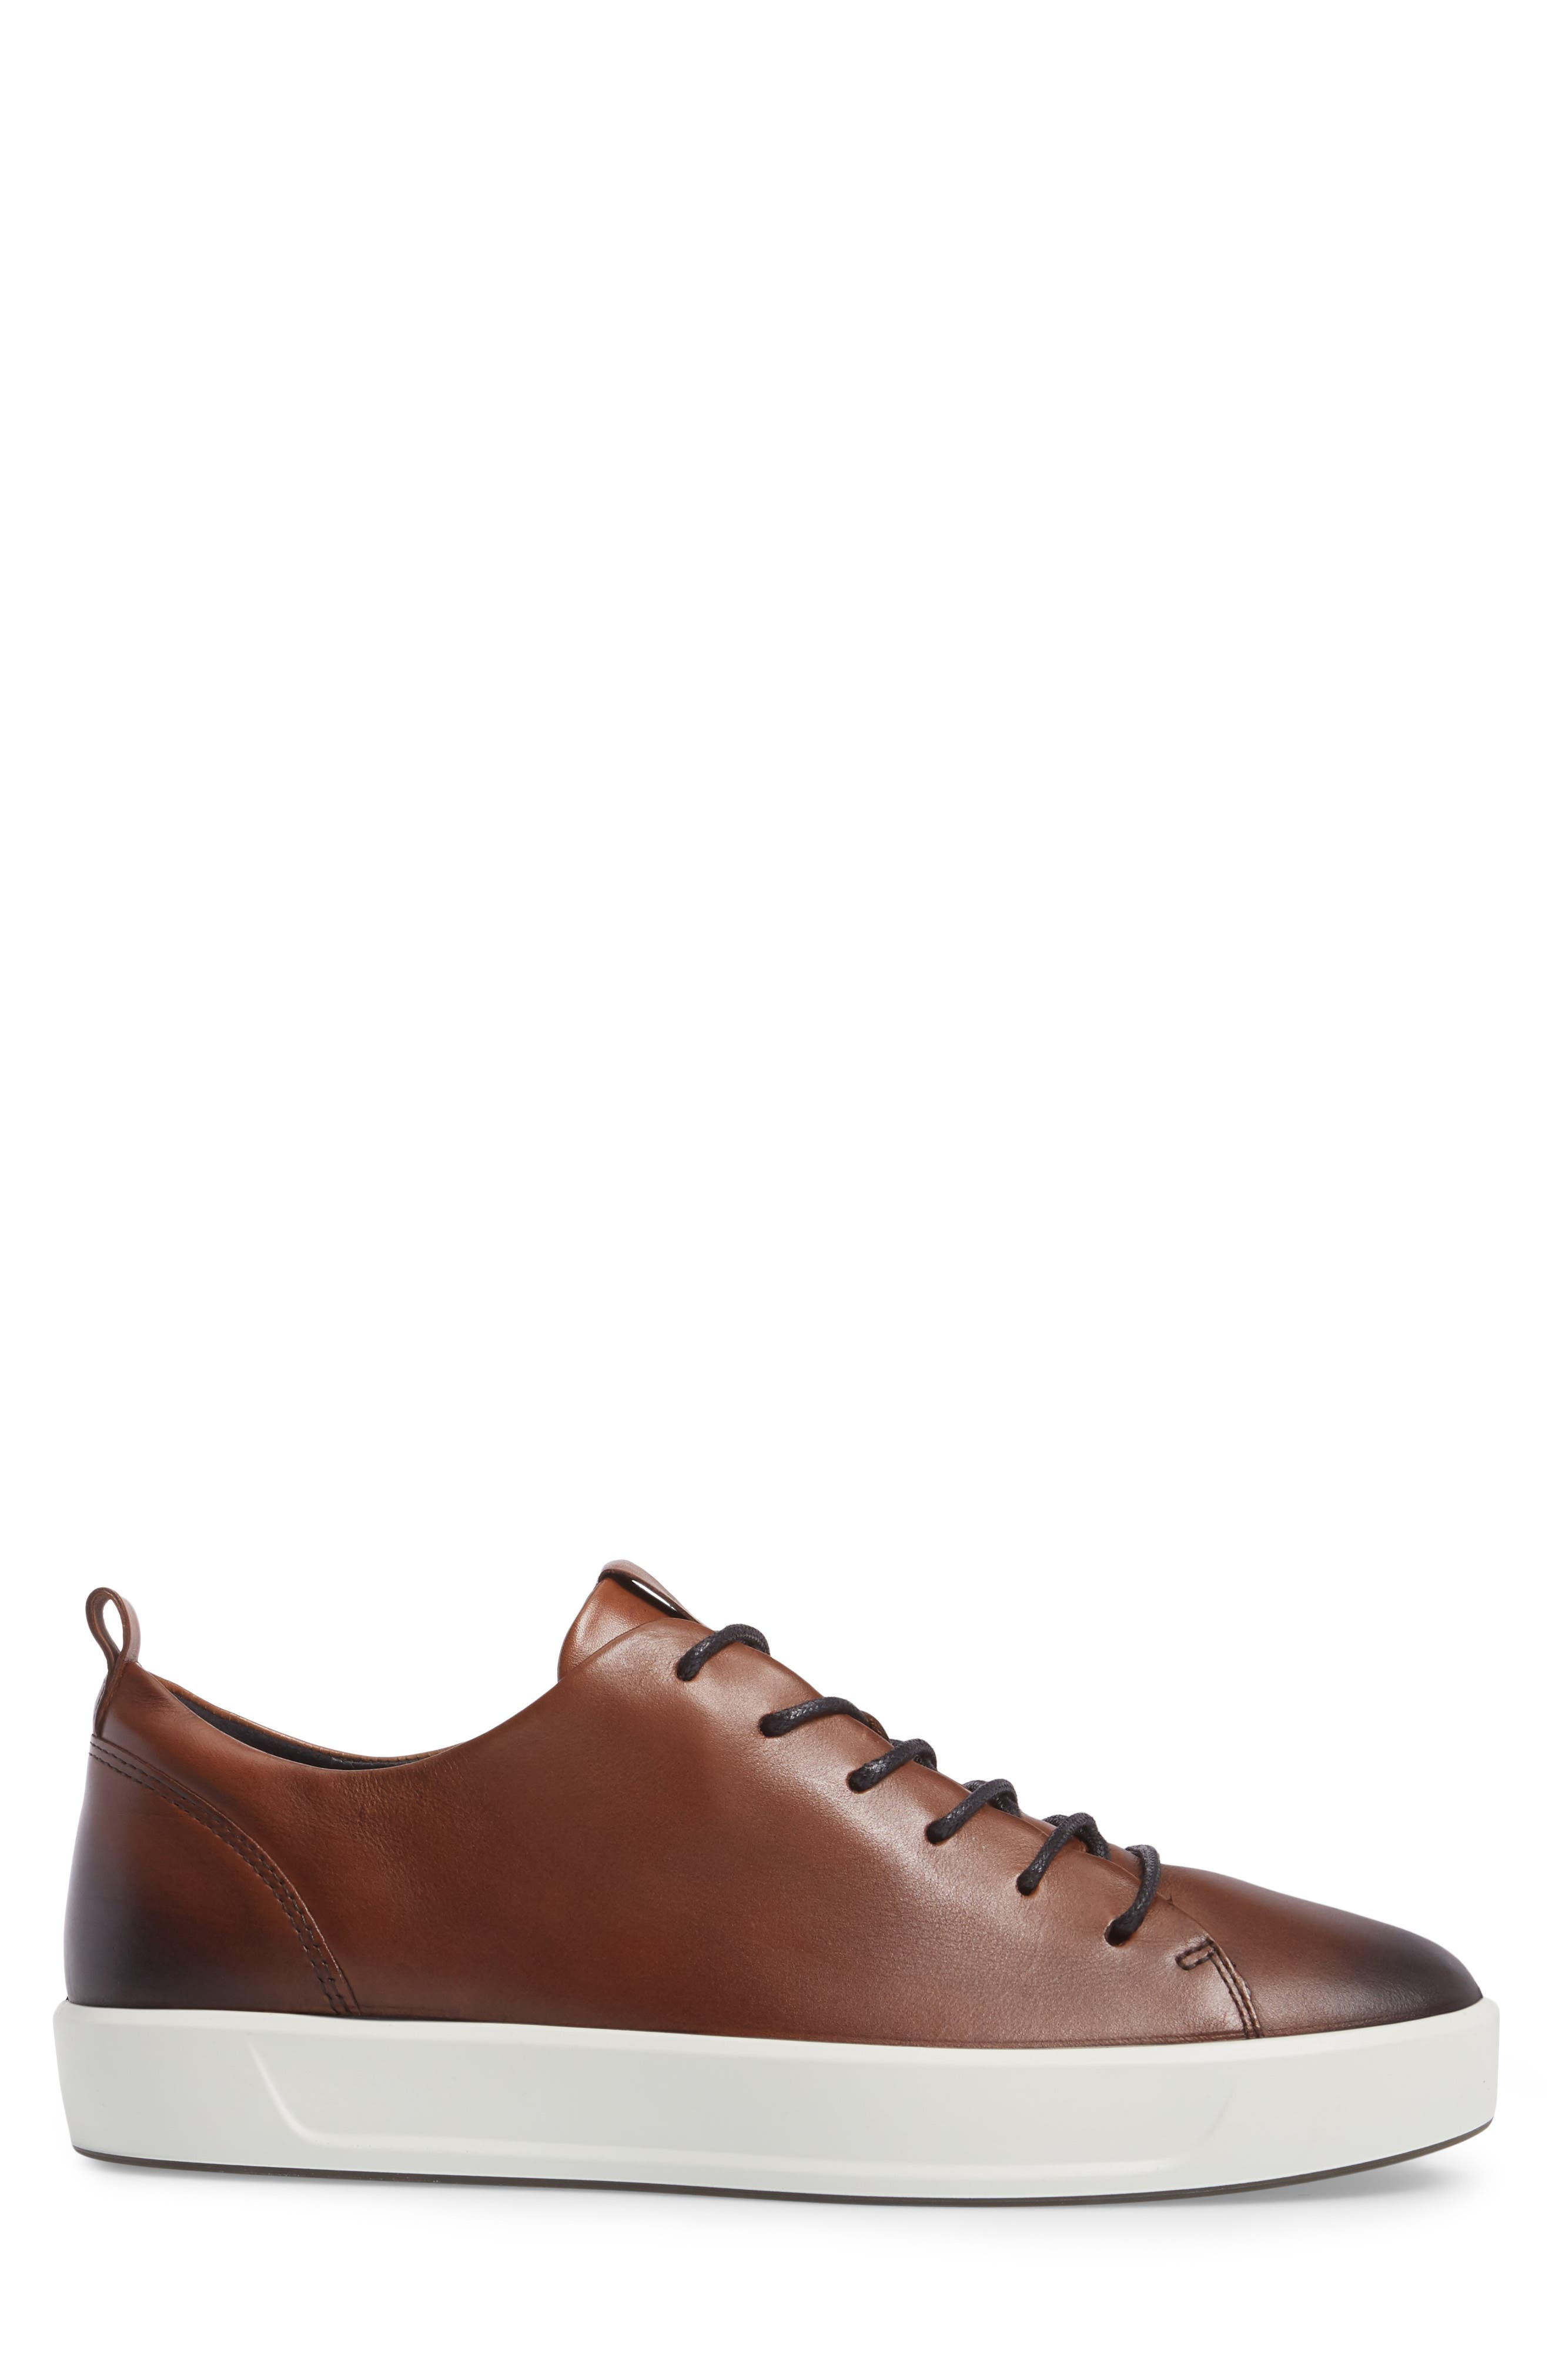 Soft 8 Street Sneaker,                             Alternate thumbnail 3, color,                             LION